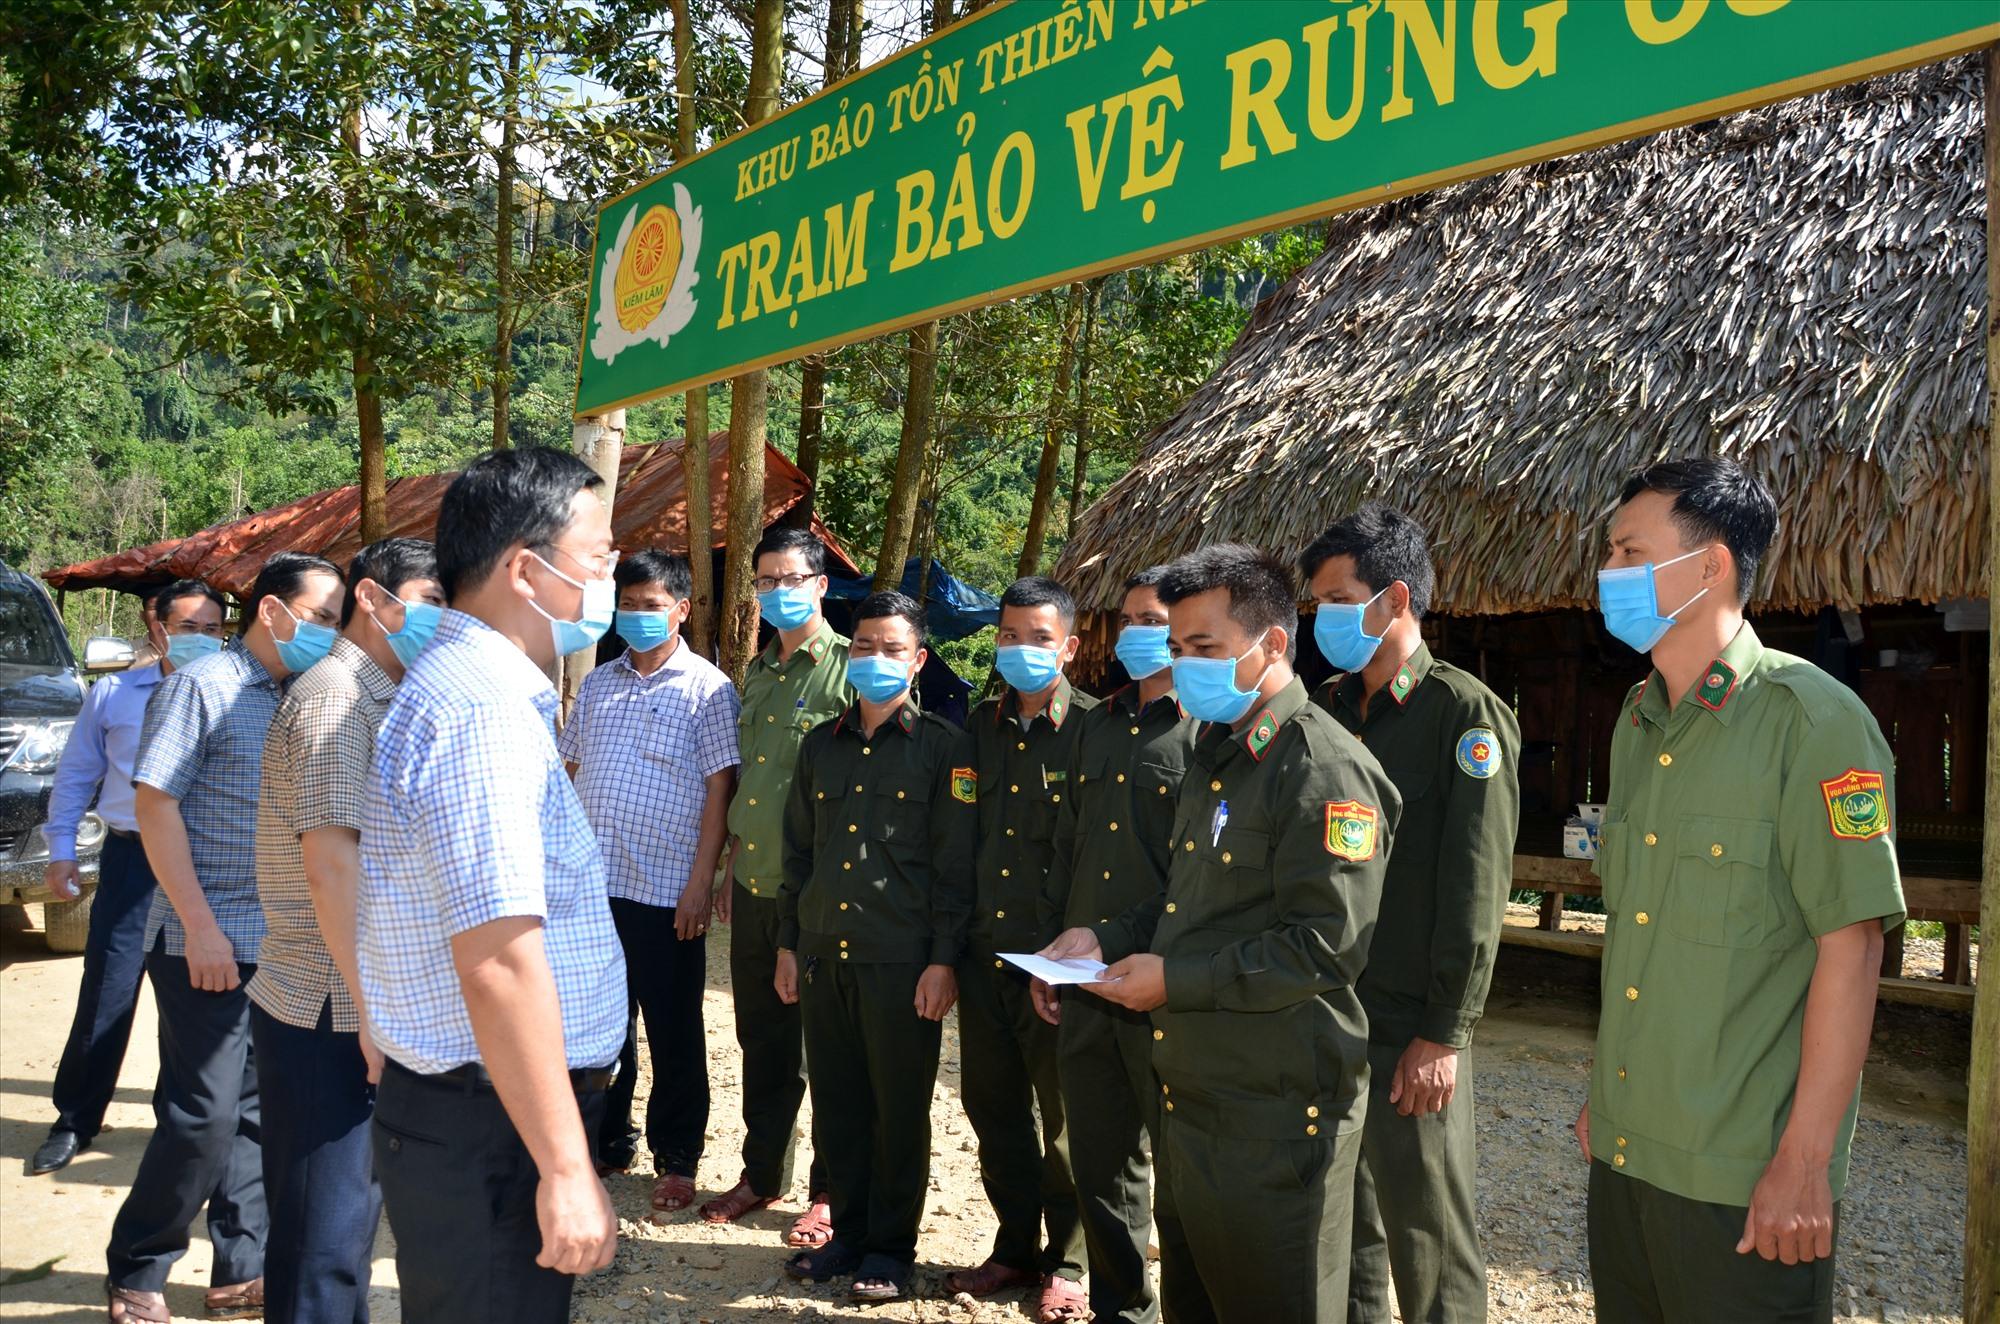 Chủ tịch UBND tỉnh Lê Trí Thanh thăm một chốt bảo vệ rừng trong Vườn Quốc gia Sông Thanh hồi giữa tháng 5.2021. Ảnh: H.P